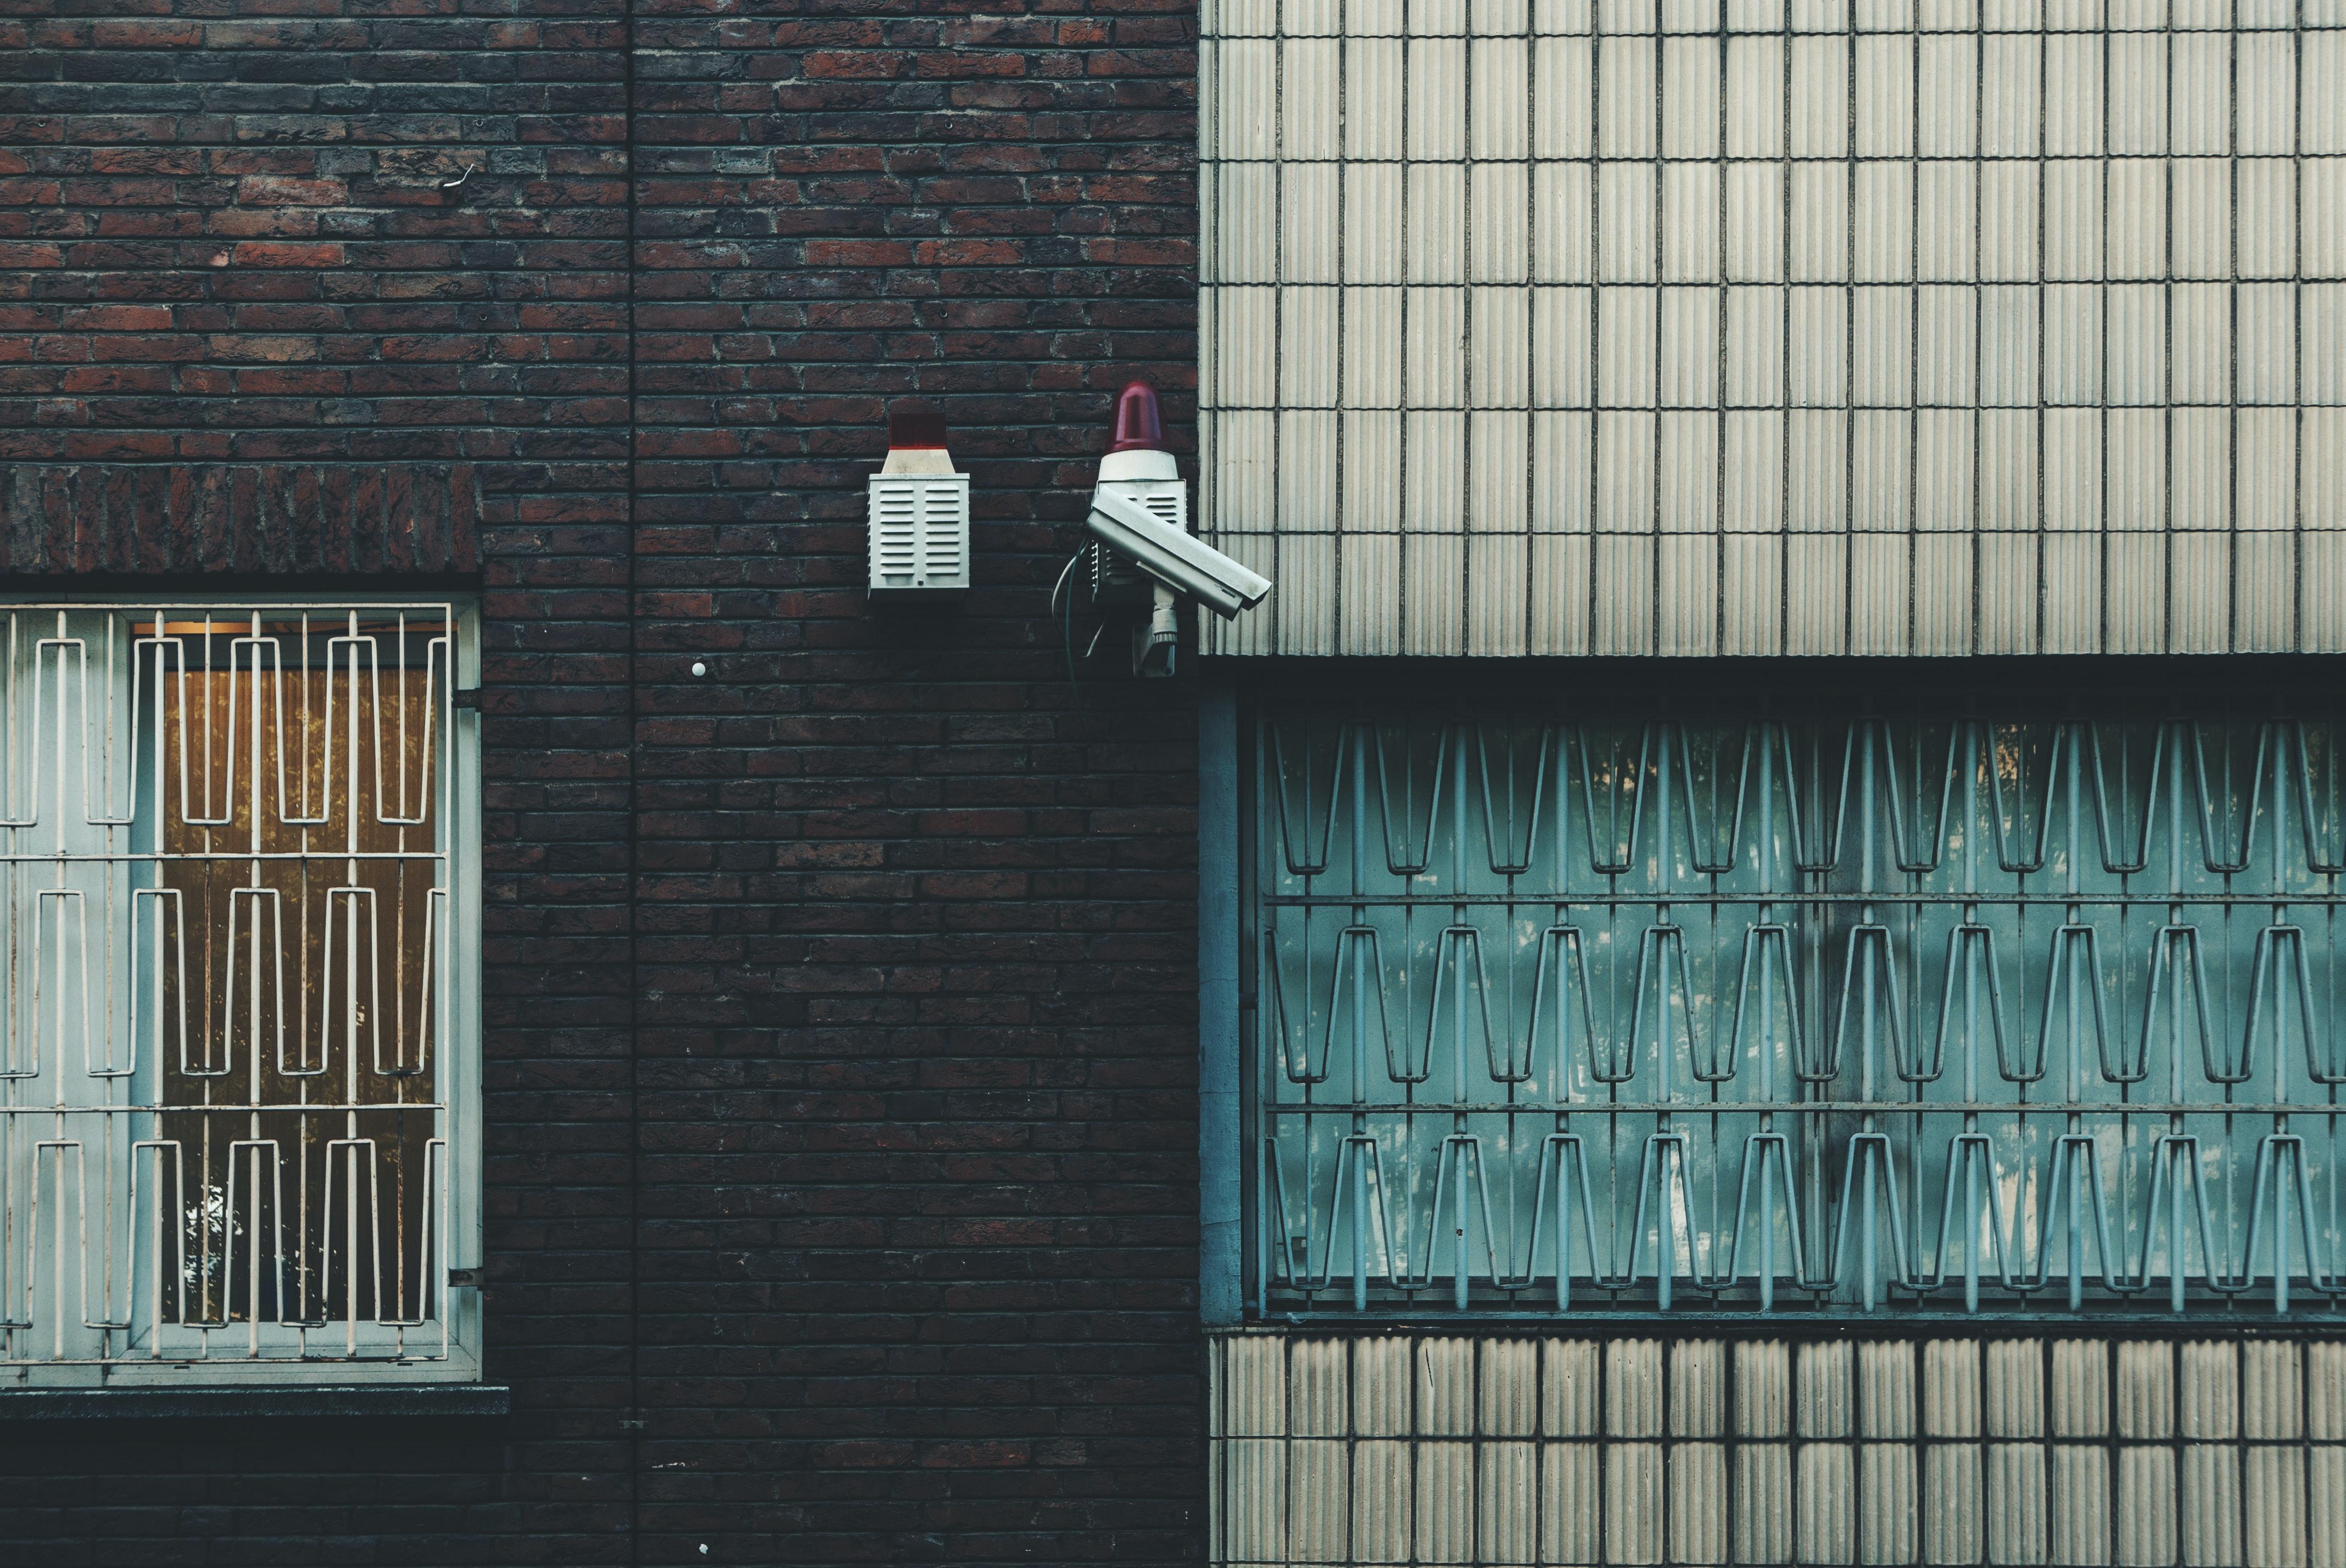 Een foto van beveiligingscamera's aan een muur